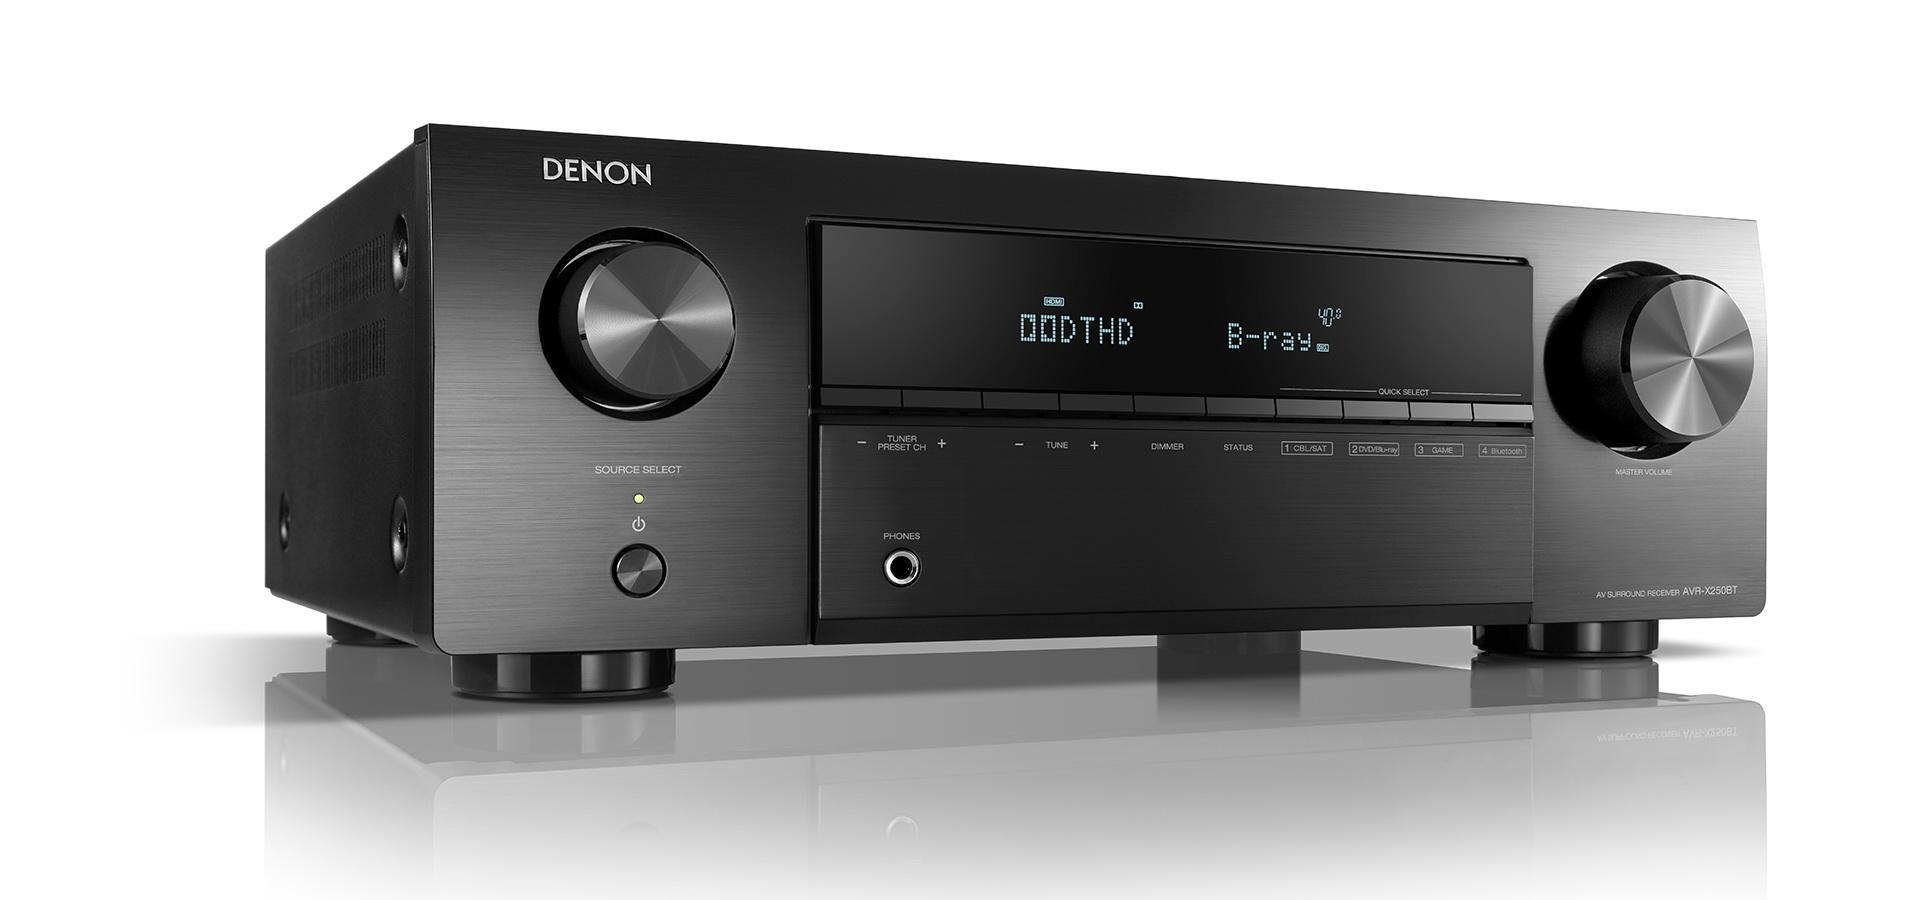 Denon Philippines Price List Home Entertainment Dvd Avr X3300w X250bt Av Surround Receiver